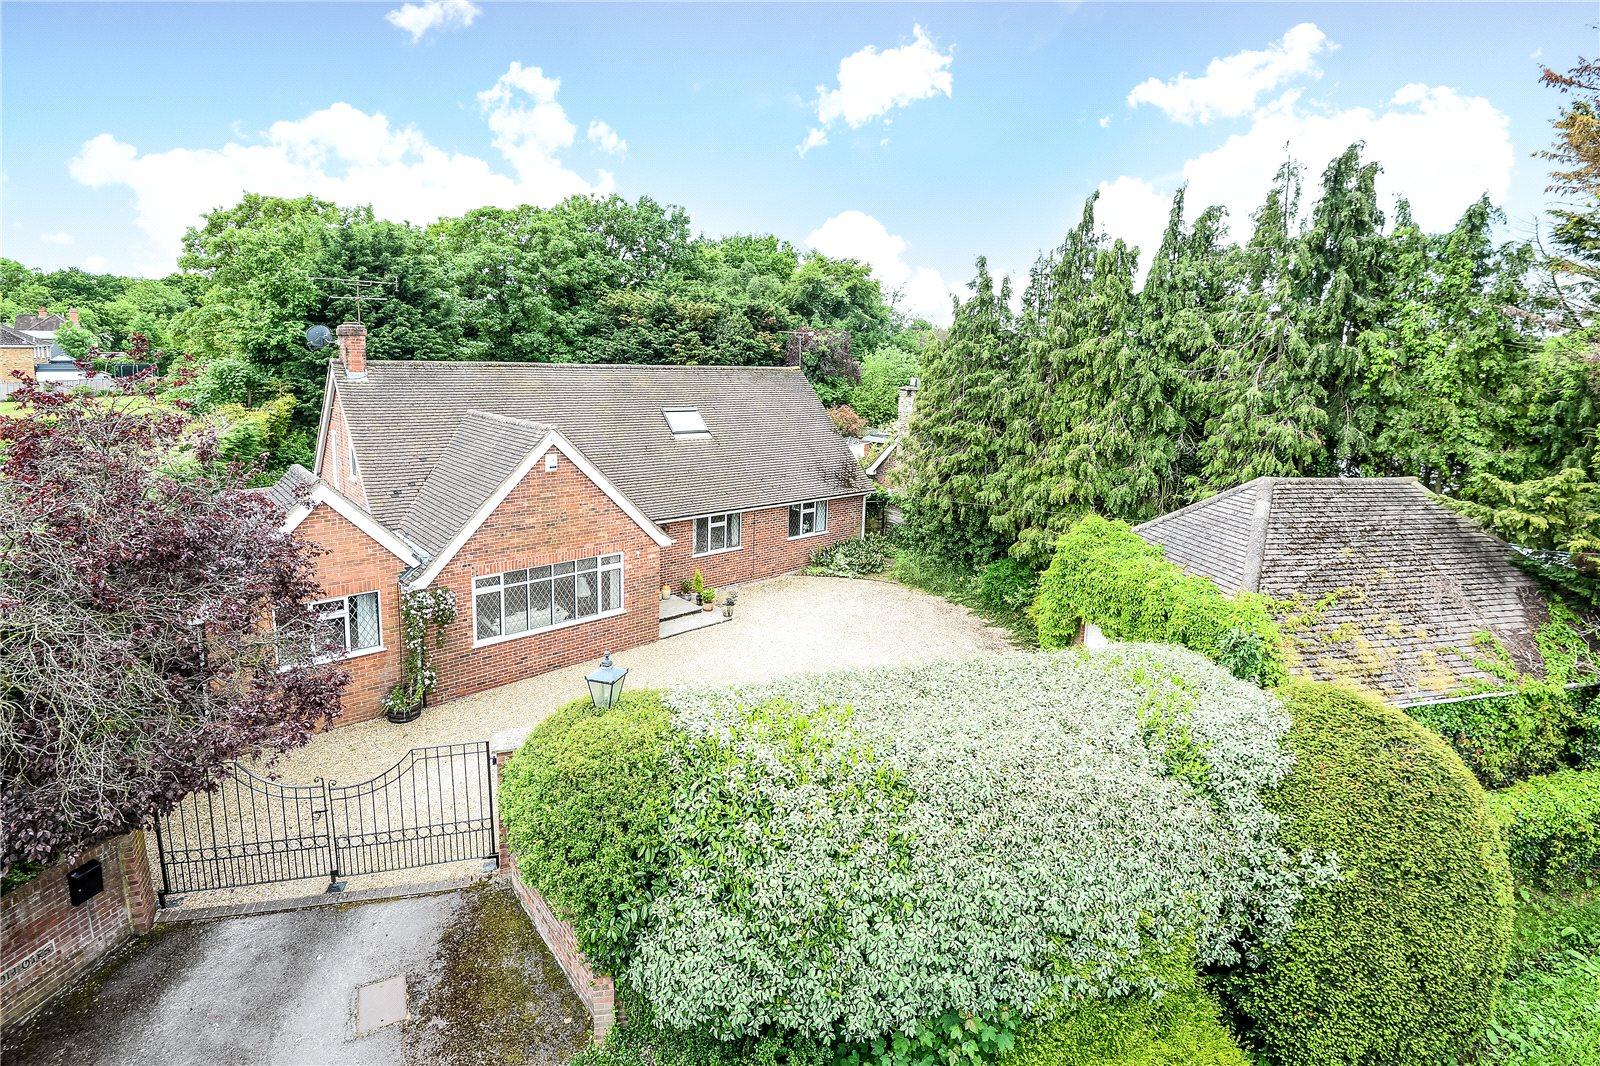 4 Bedrooms Detached Bungalow for sale in Warfield Street, Warfield, Berkshire, RG42